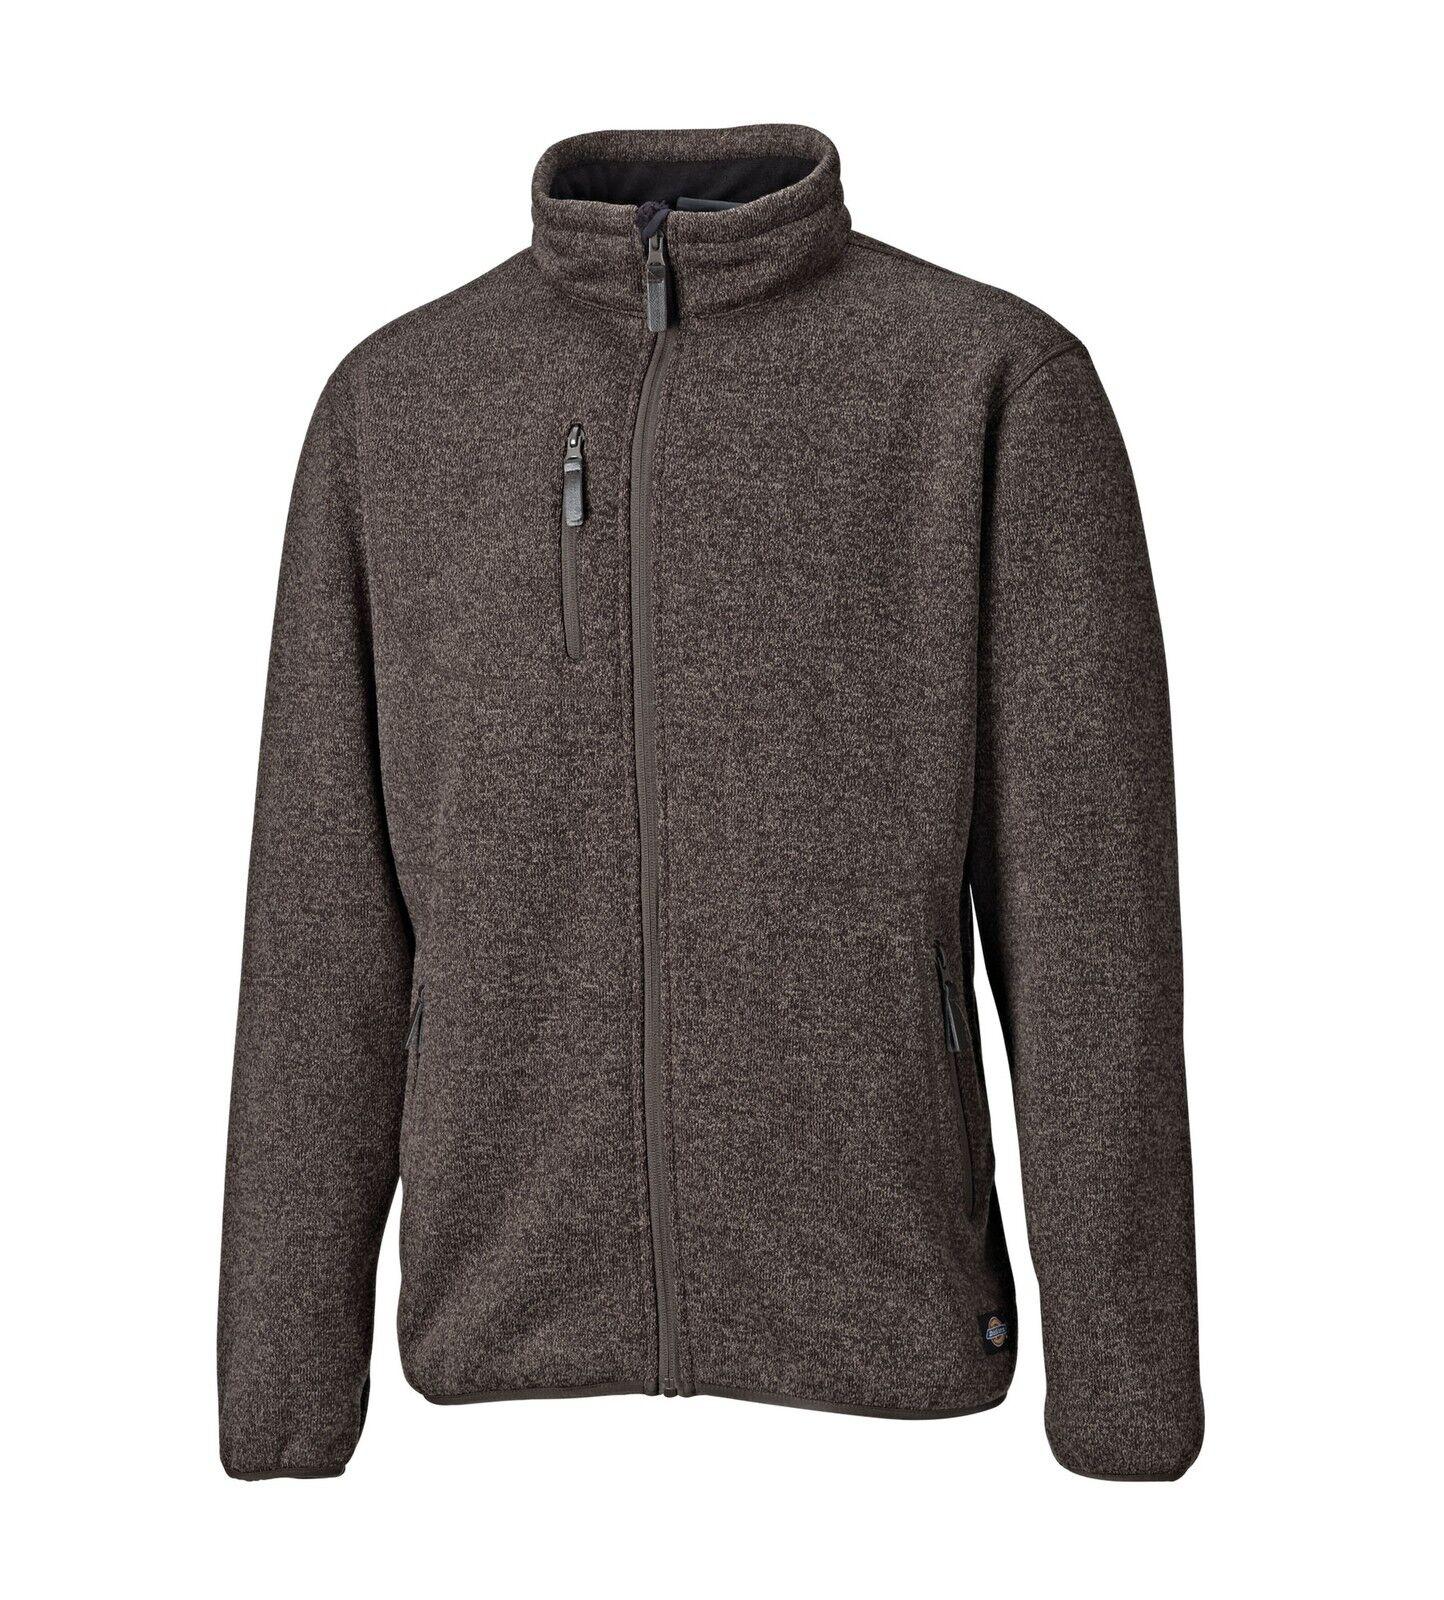 Dickies Winterbourne Jacket ag4000 marrón  señores Pinewood caza Al aire libre chaqueta  envío gratis